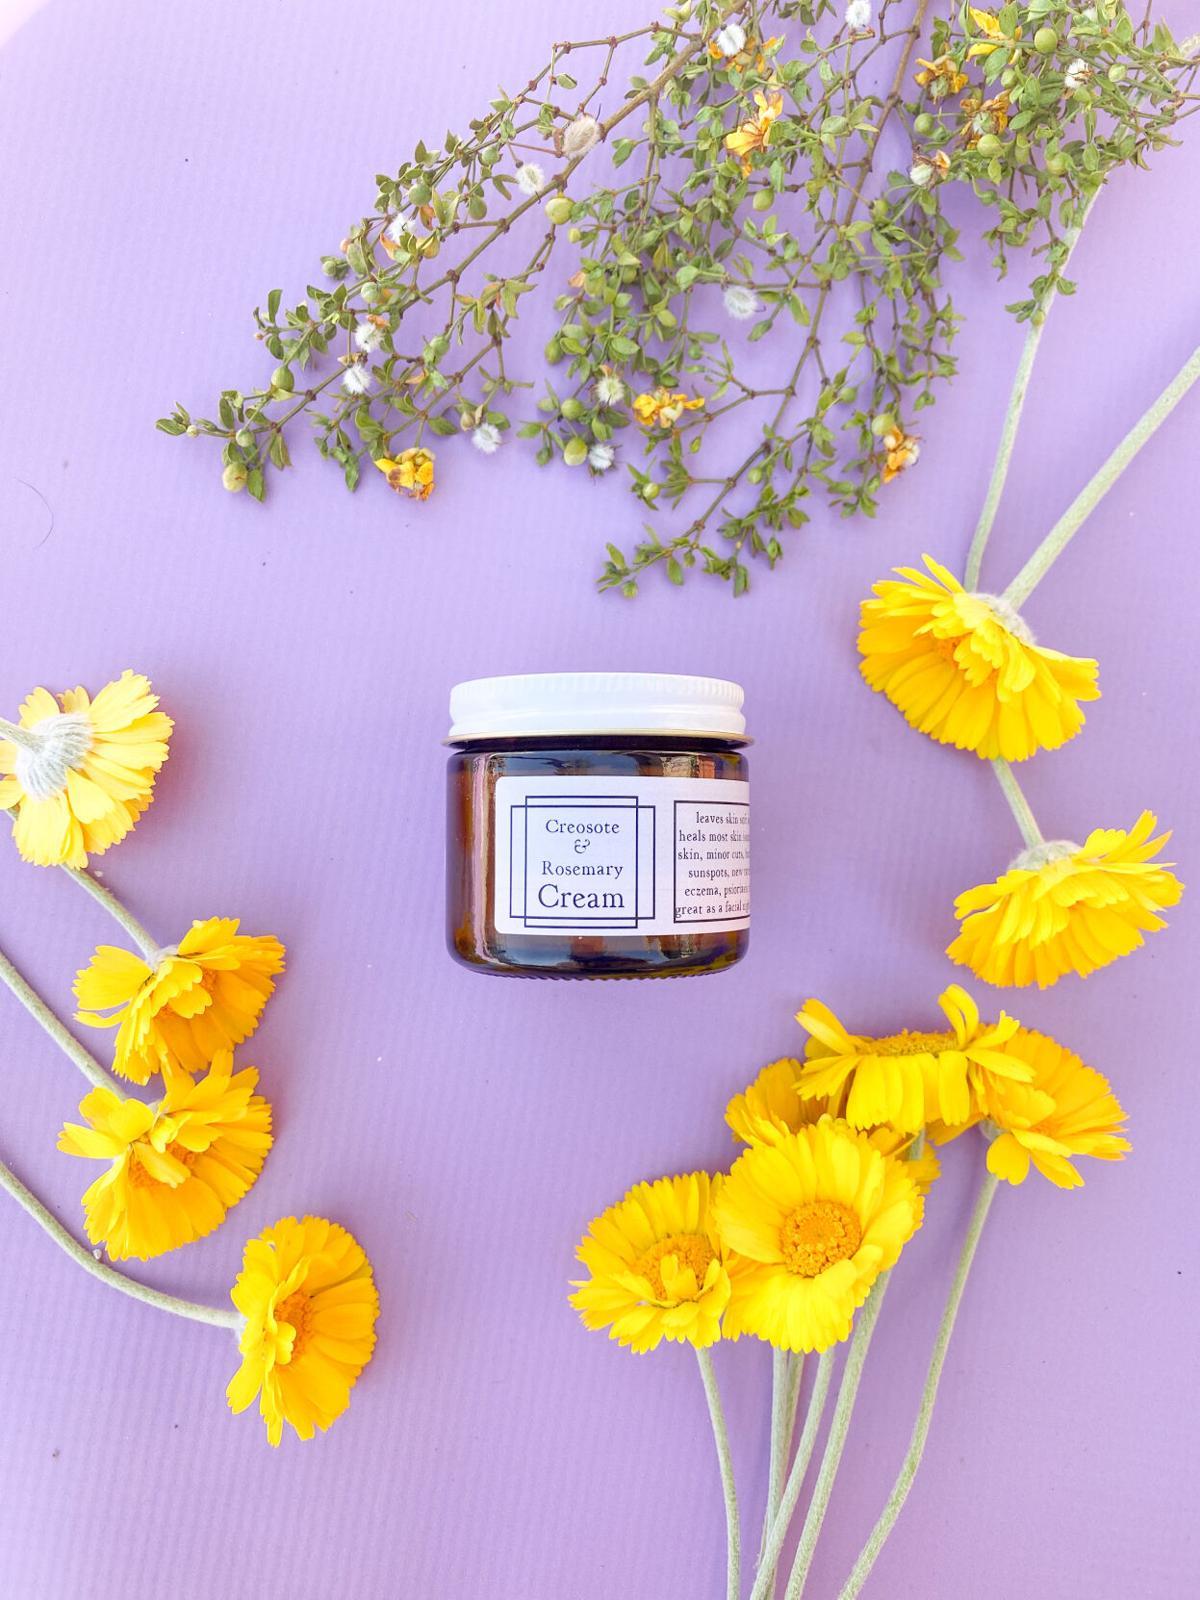 SonoranRosie-Rosemary Cream.jpeg